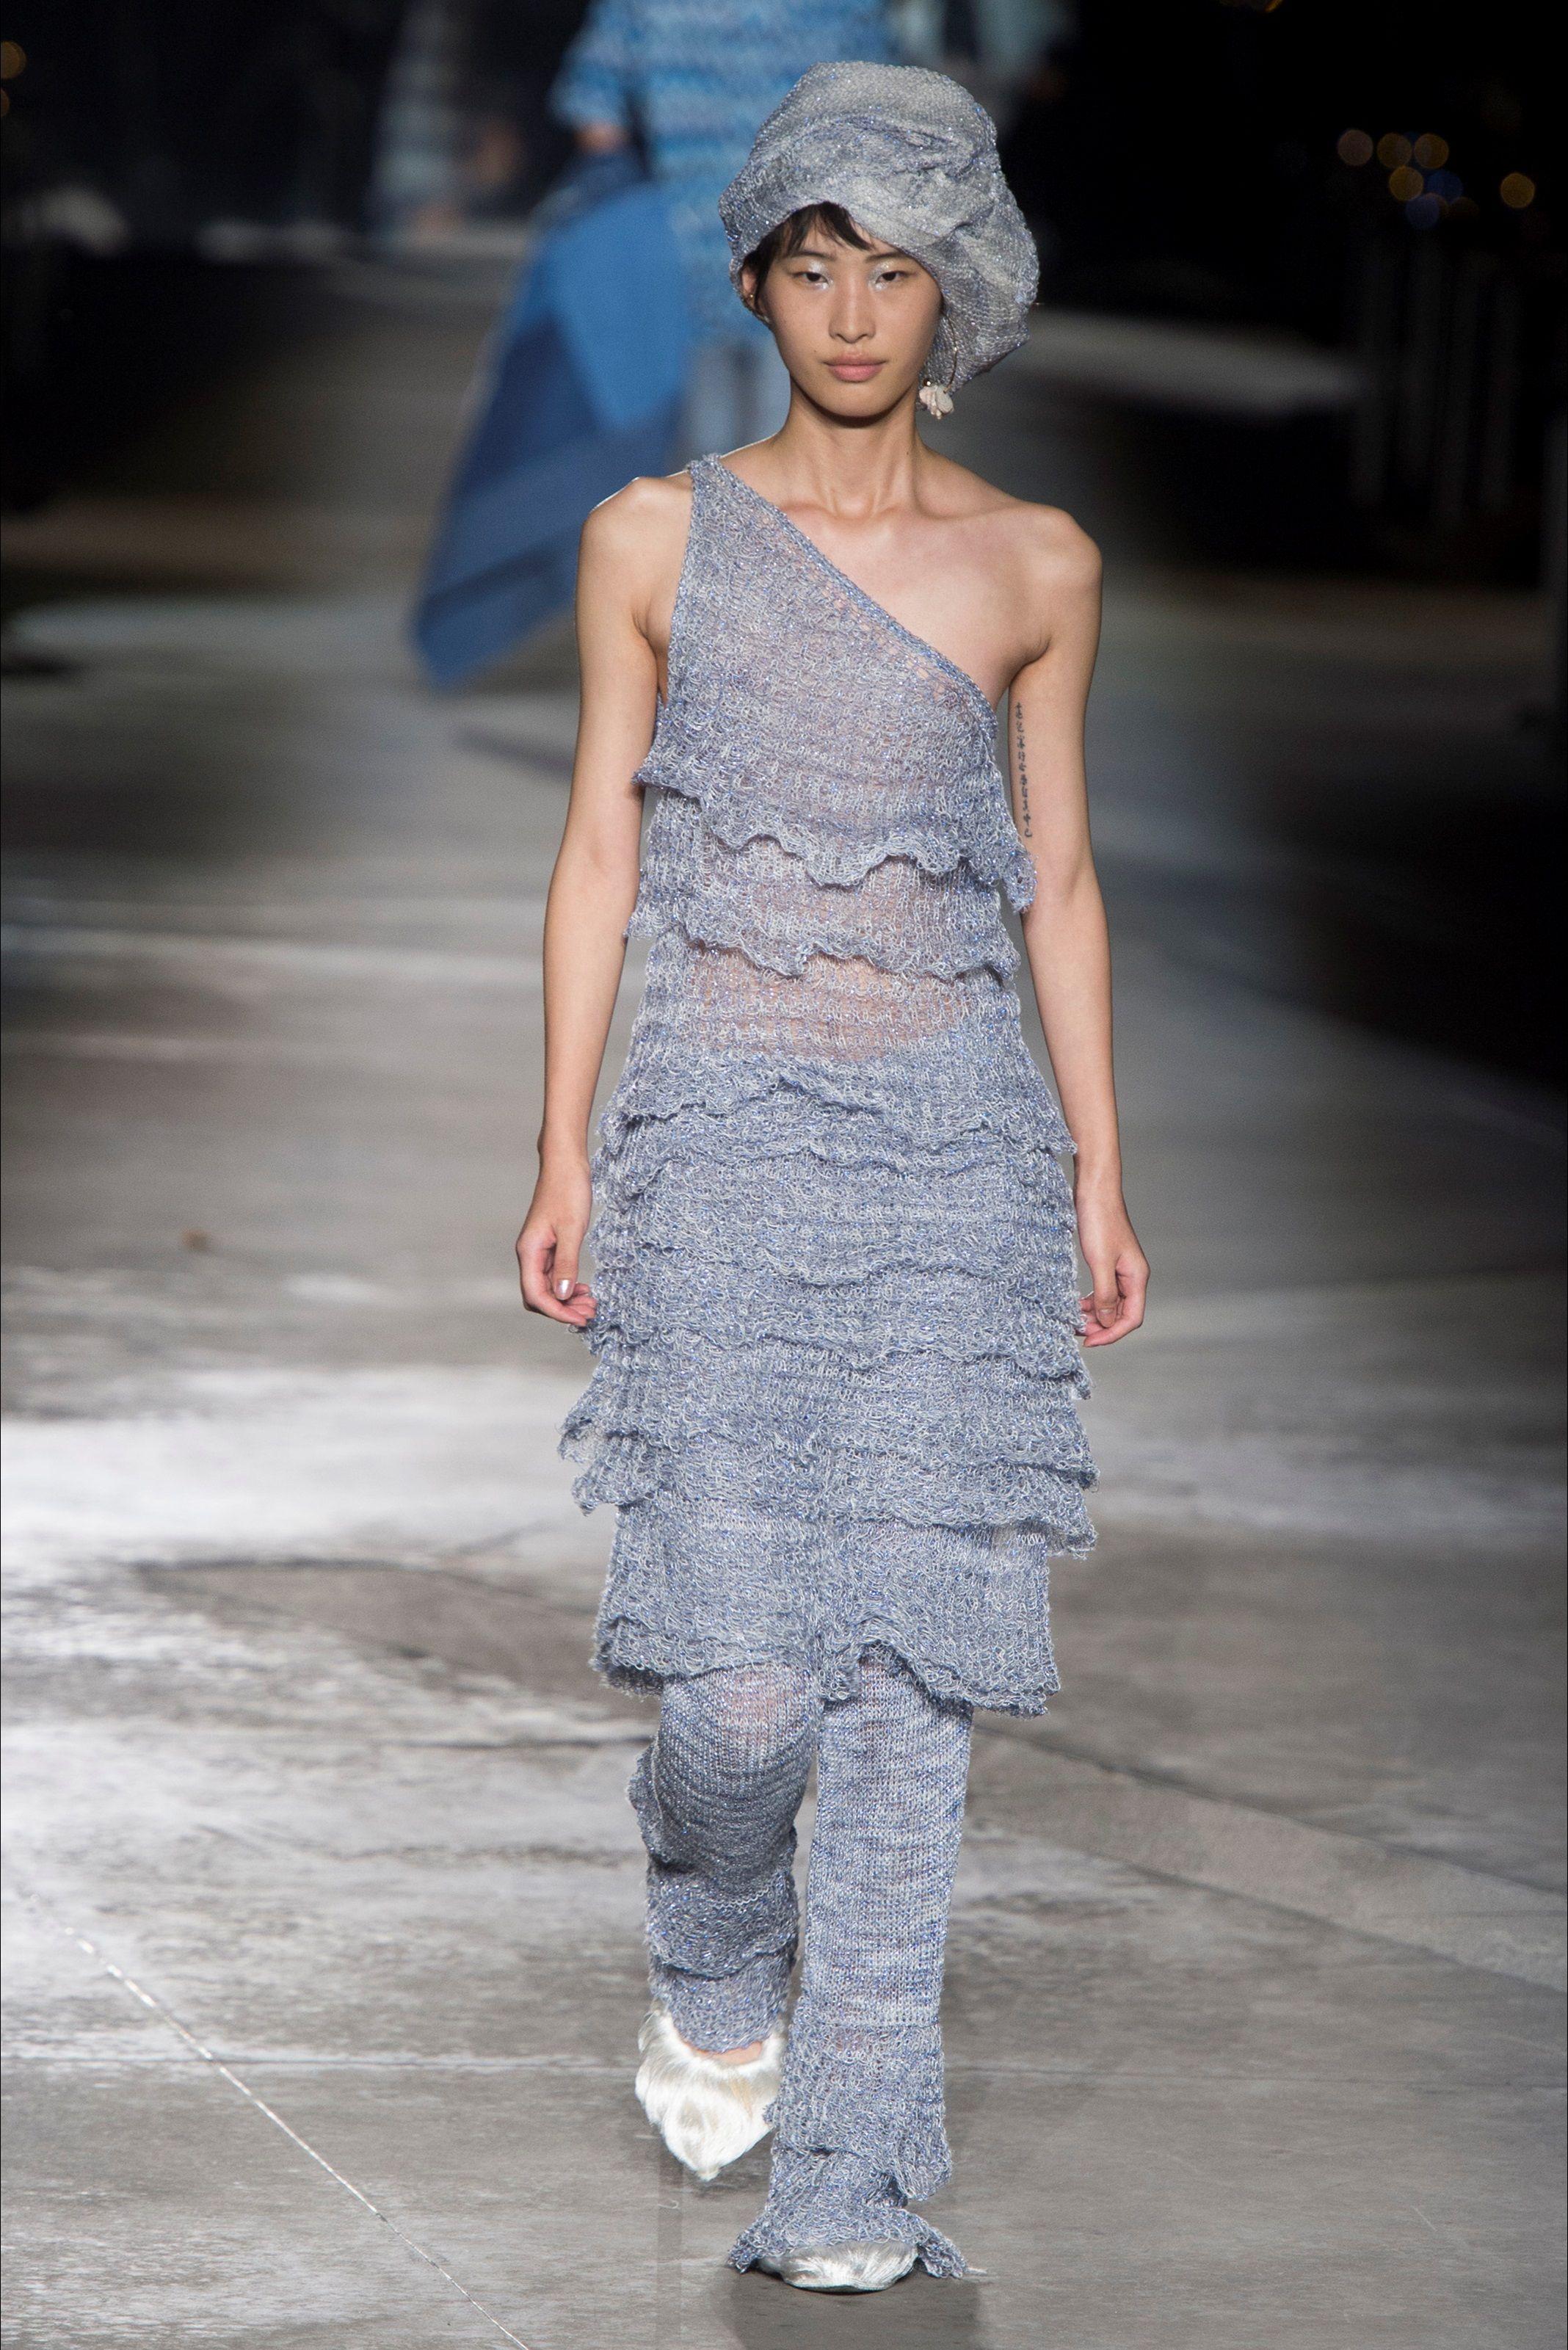 Sfilata Missoni Milano - Collezioni Primavera Estate 2019 - Vogue ... 4ddd3827a57